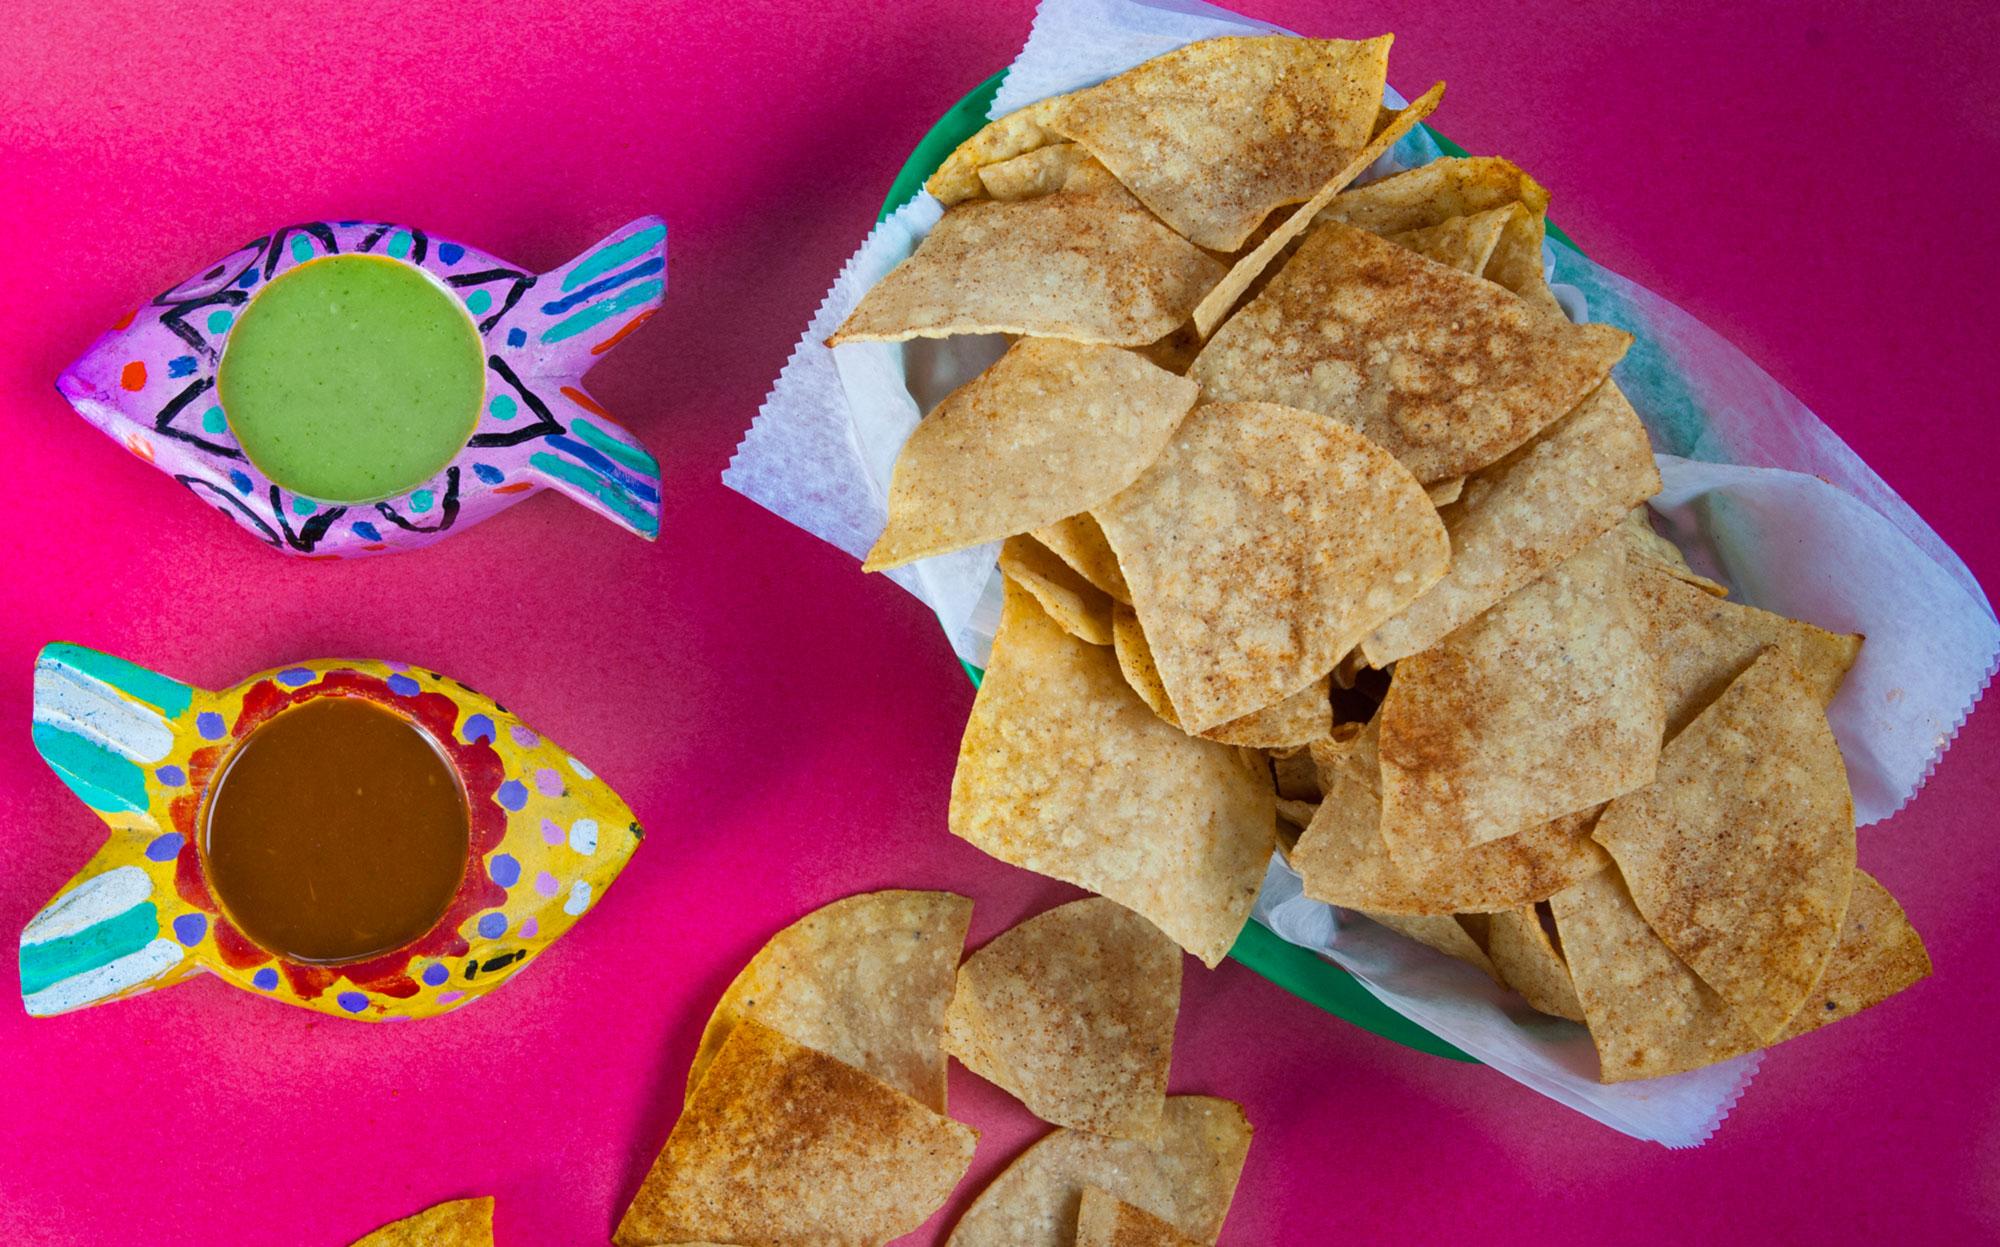 tallulahs-tacos-slide-4.jpg